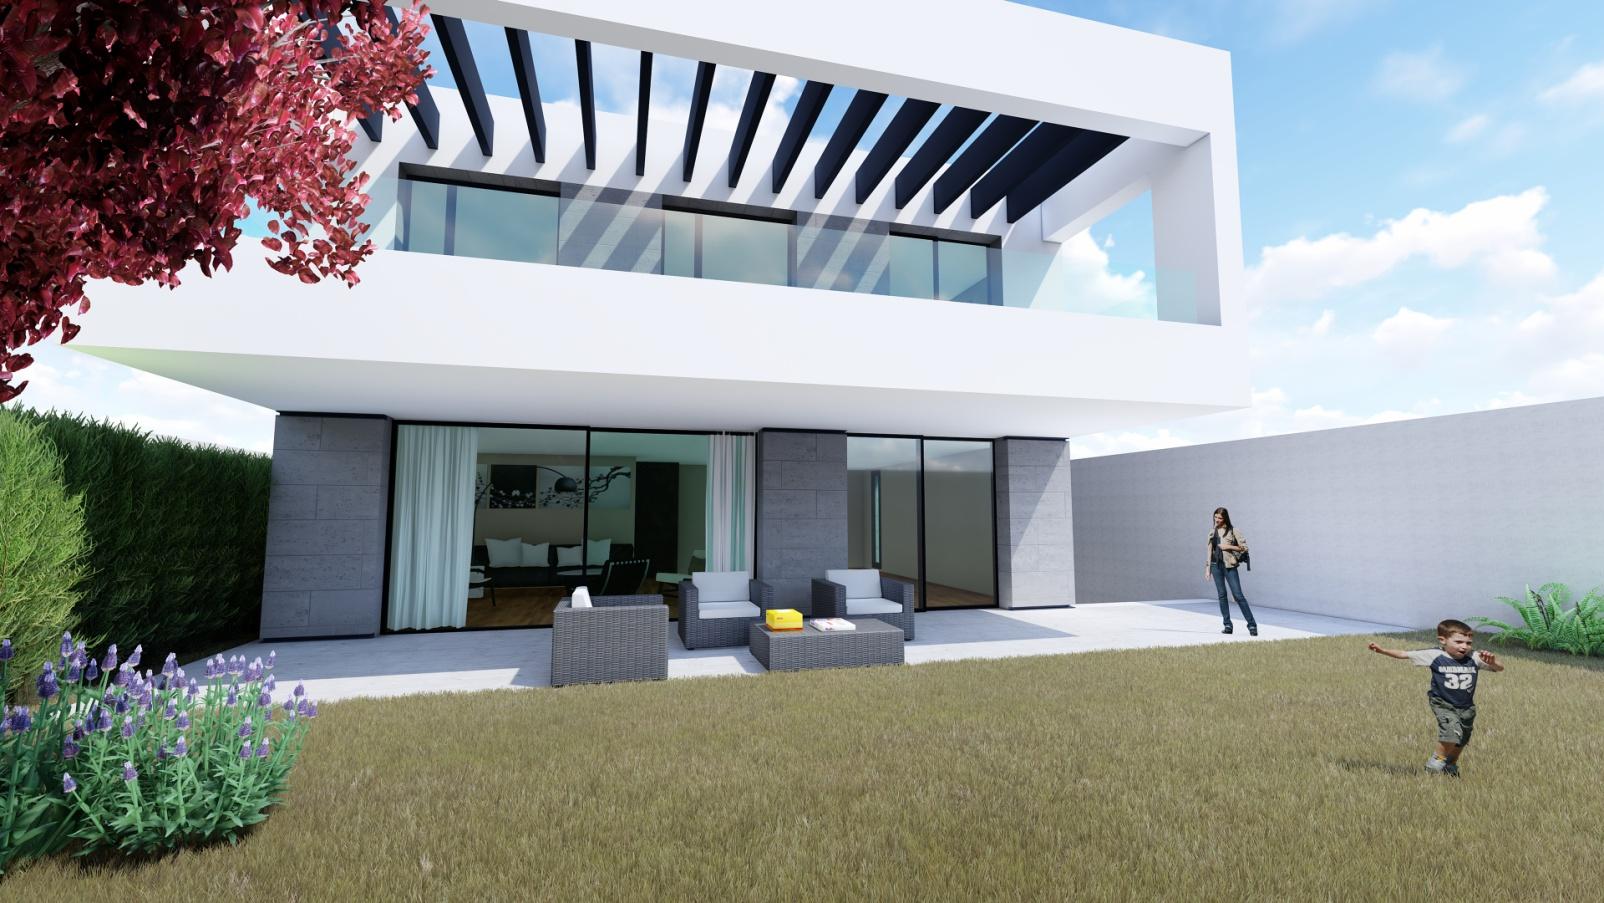 Vivienda nueva construcción 2